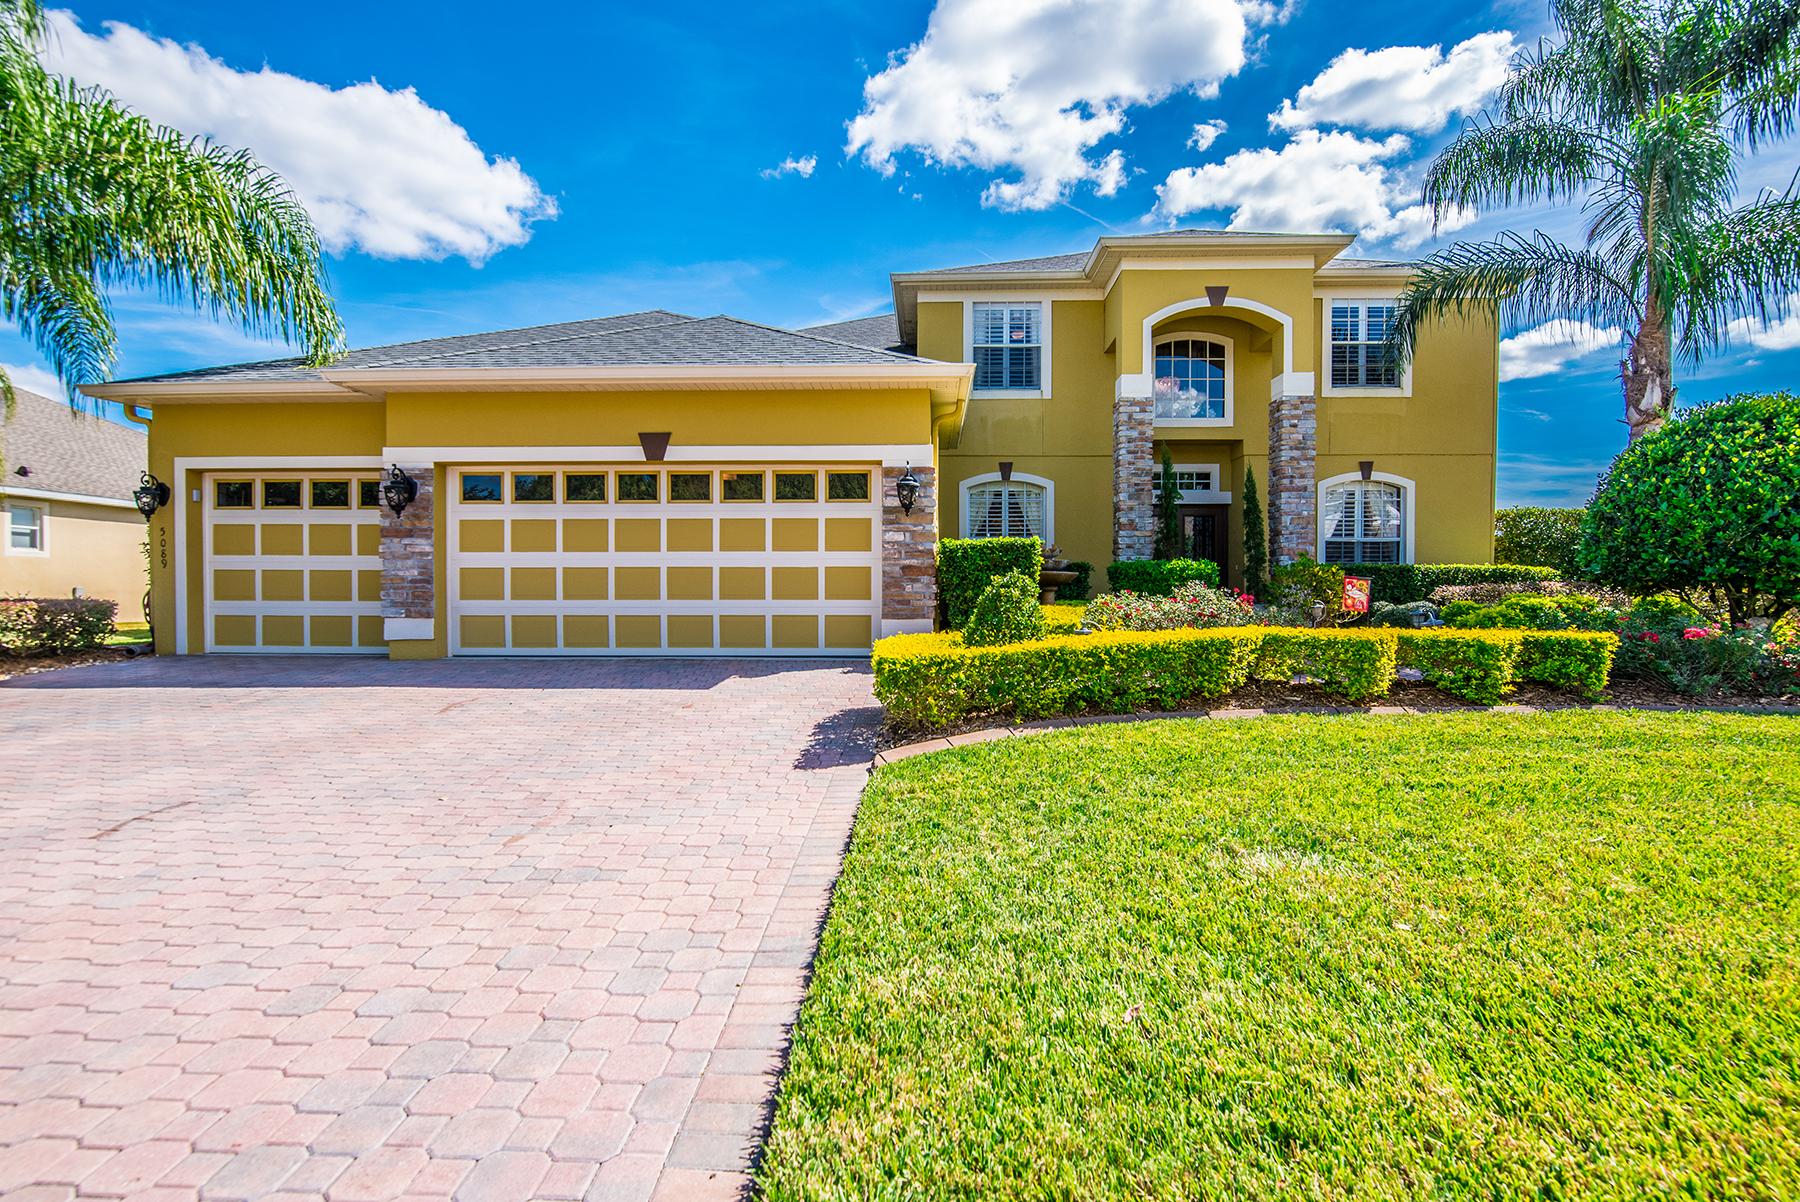 Maison unifamiliale pour l Vente à ORLANDO - SANFORD 5089 Hawks Hammock Way Sanford, Florida, 32771 États-Unis